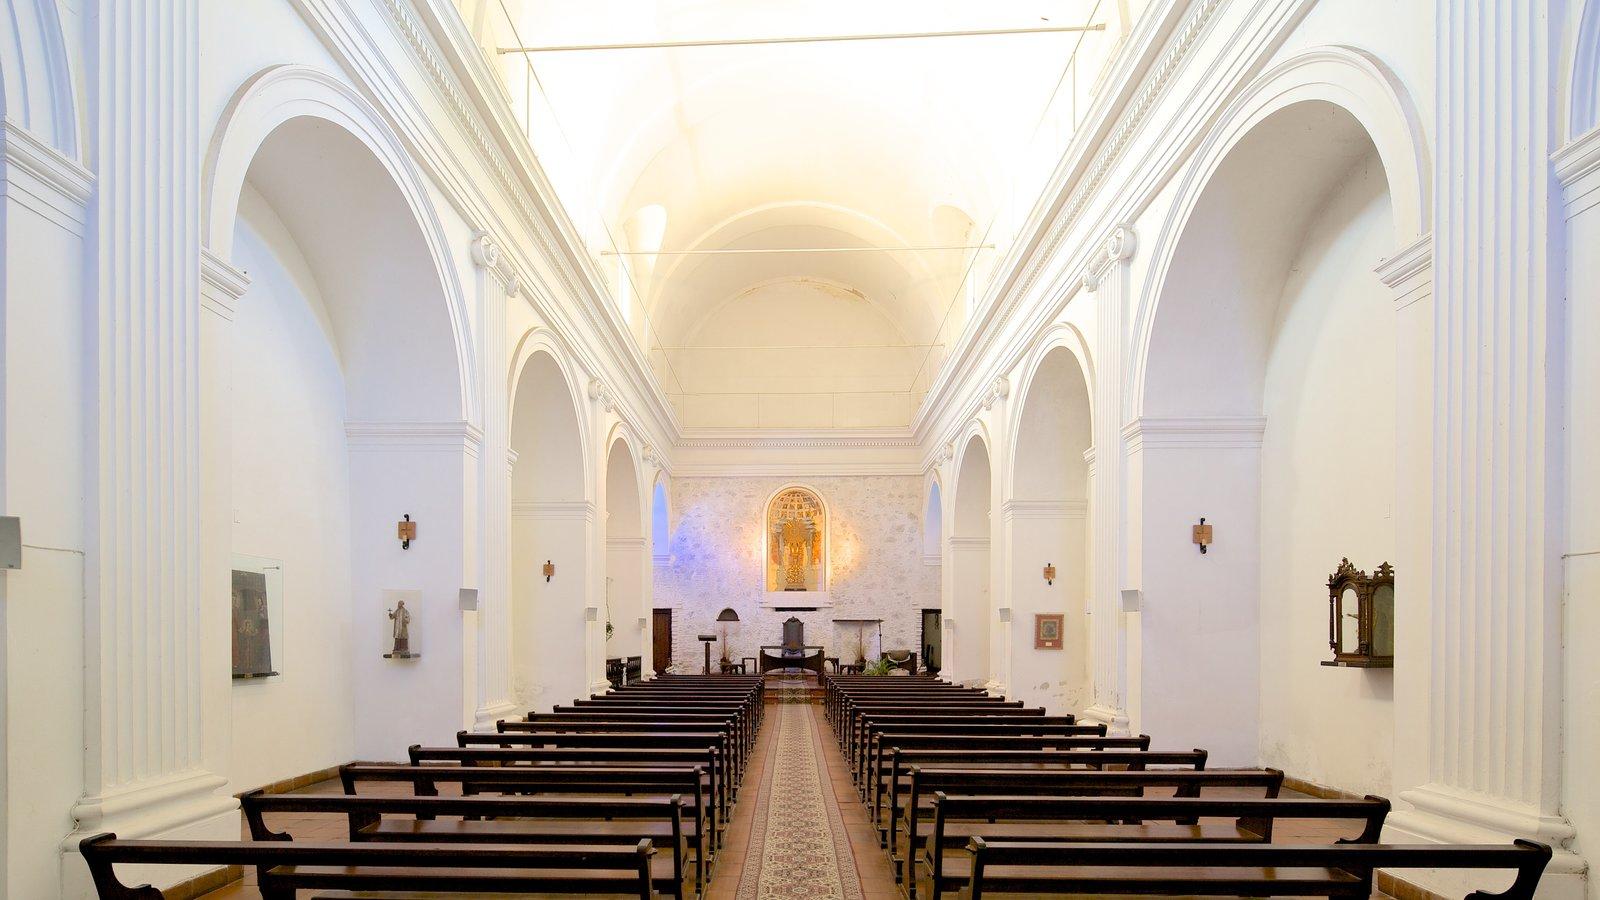 Igreja Matriz mostrando aspectos religiosos, vistas internas e uma igreja ou catedral